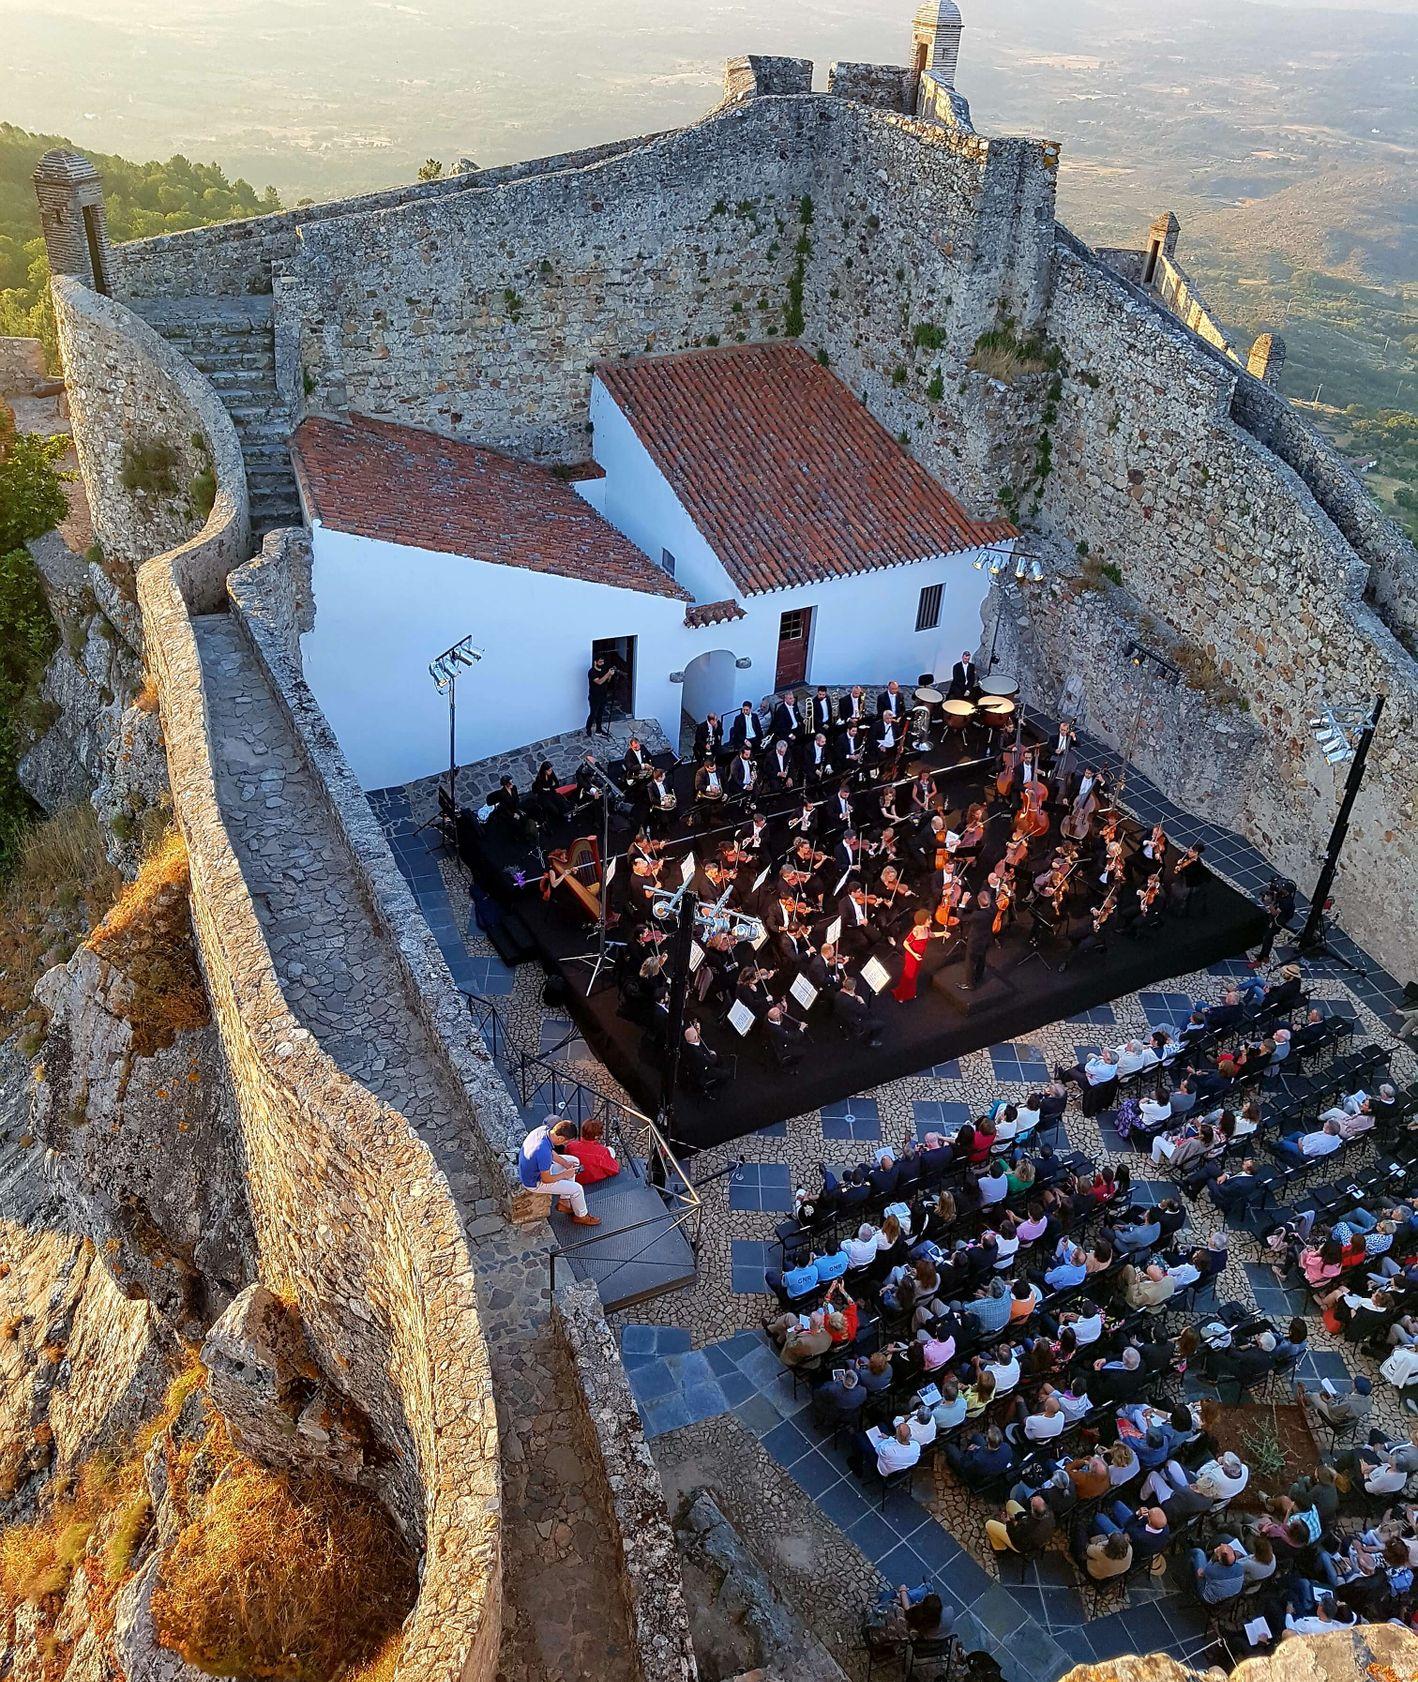 festiwal muzyki klasycznej w Marvão - koncert w starej twierdzy